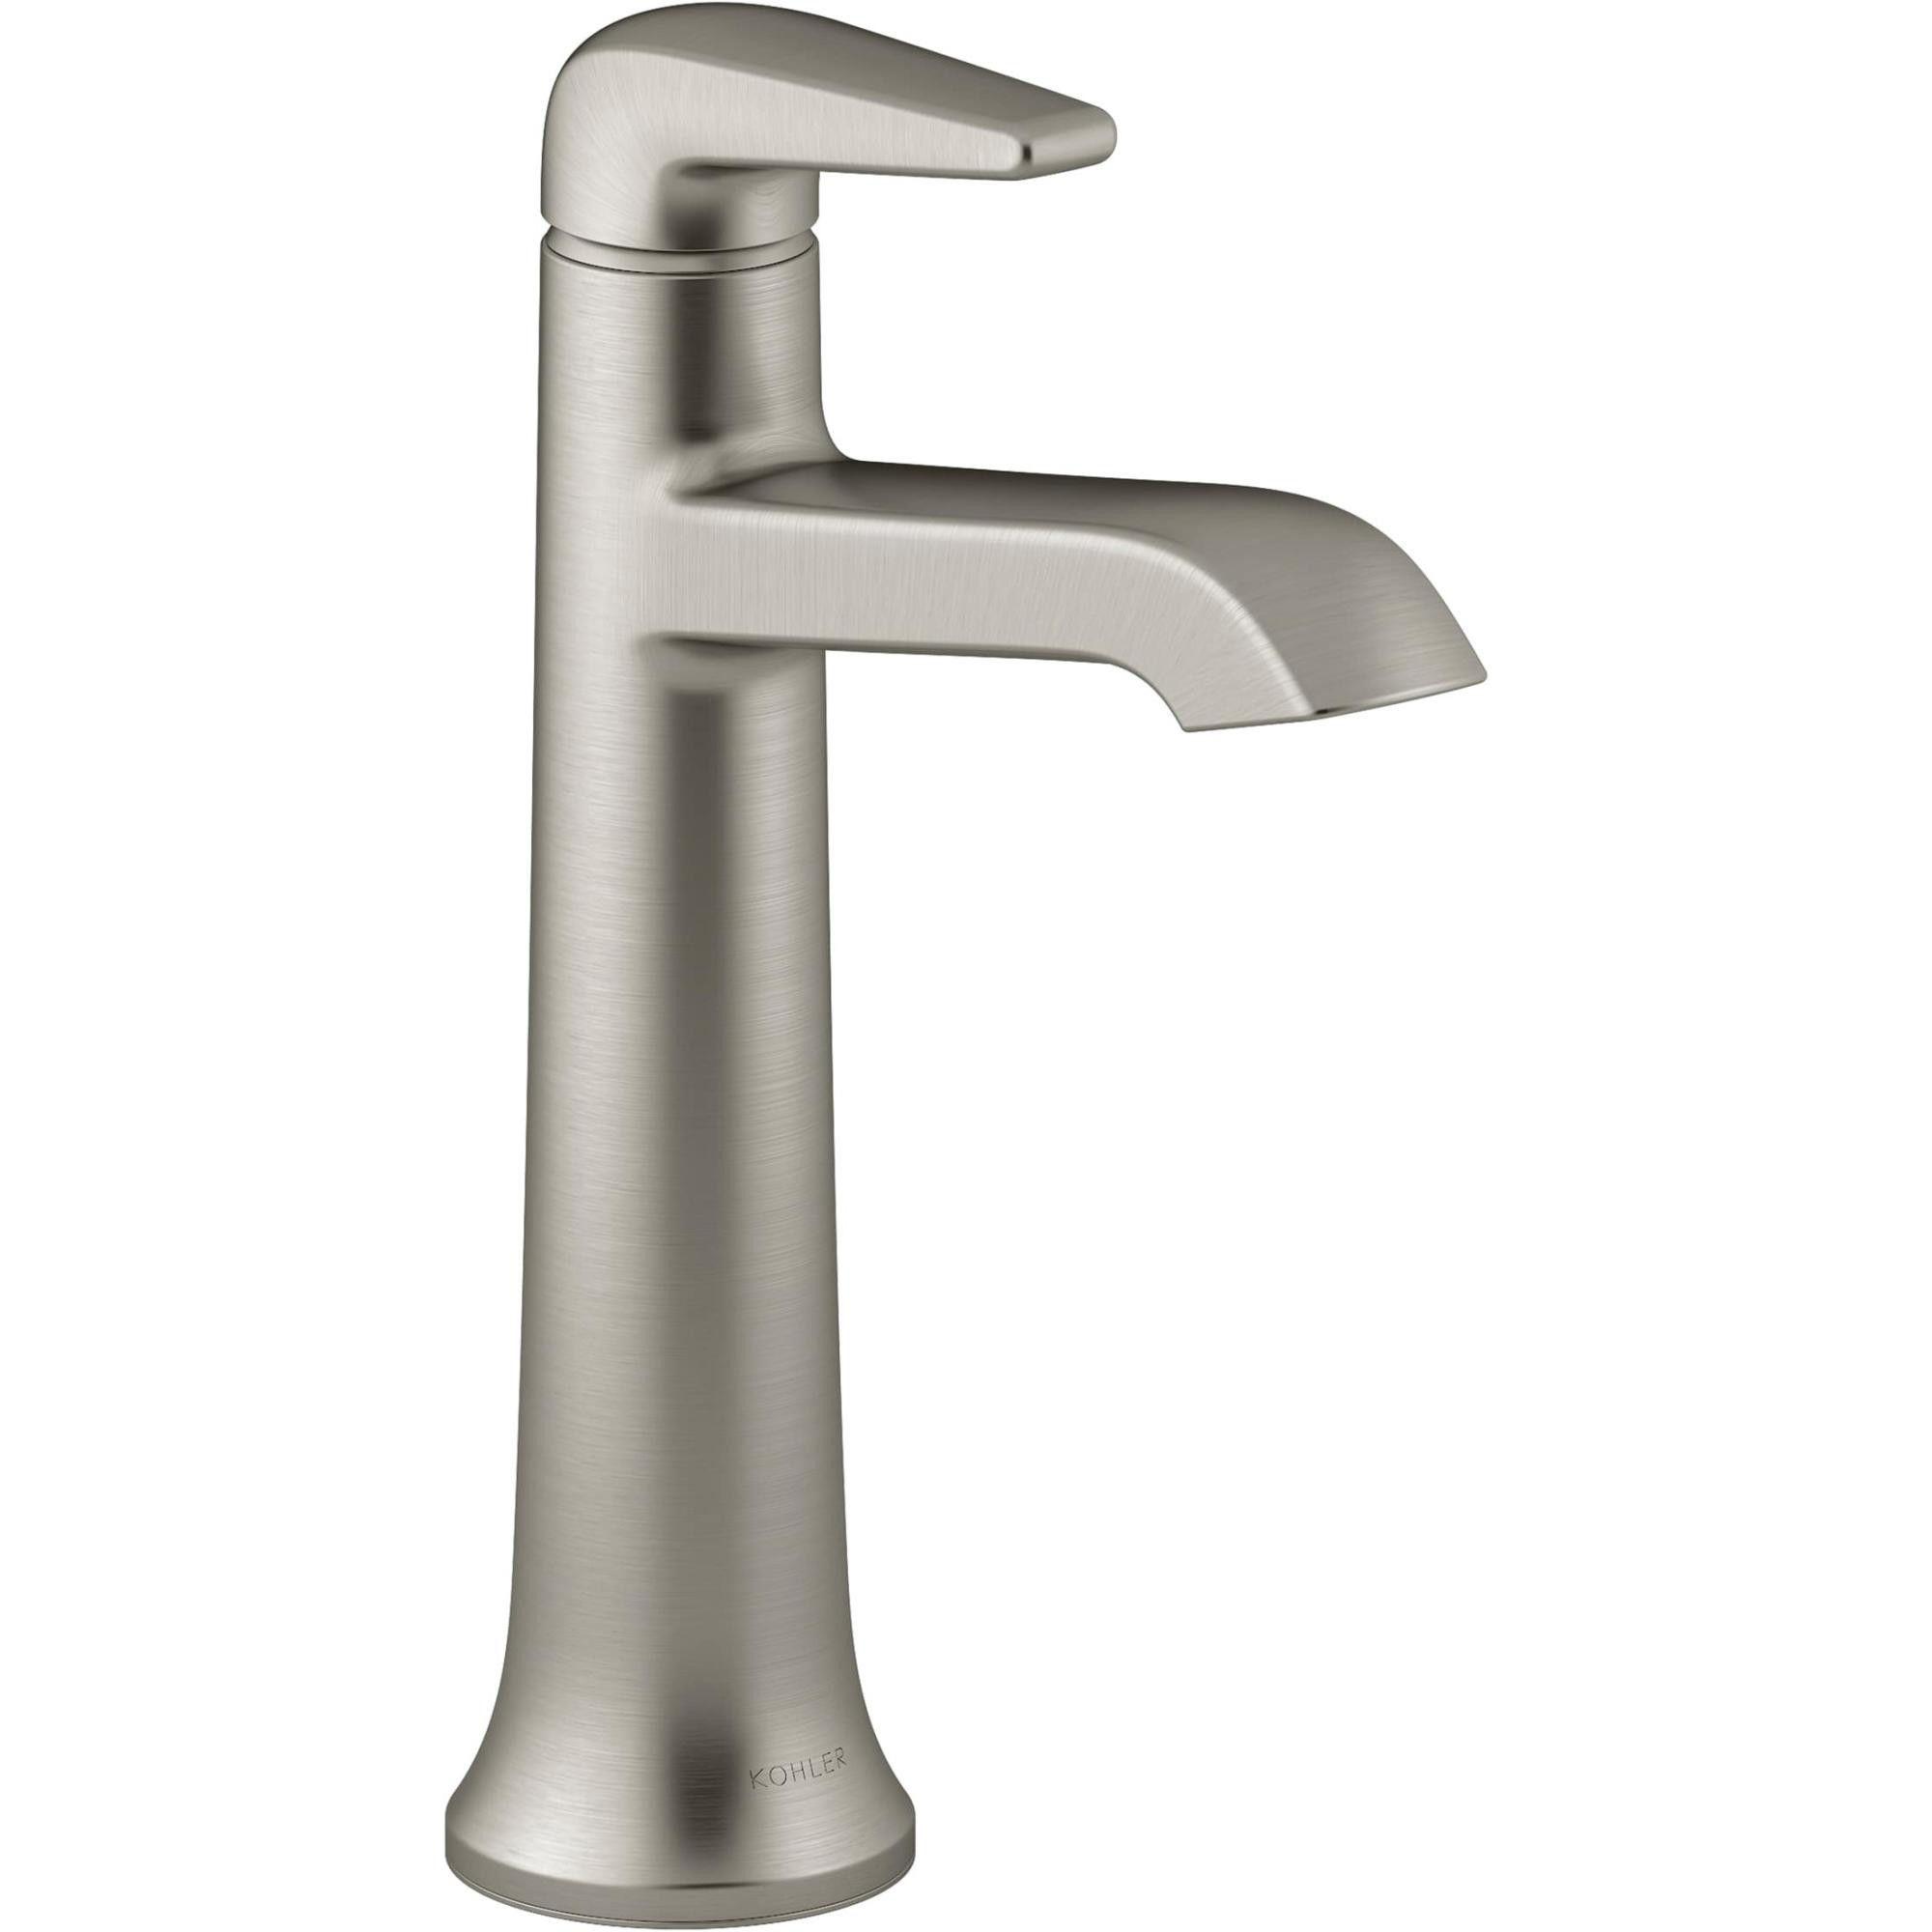 Kohler K 22023 4 Tempered 1 2 Gpm Single Hole Vessel Bathroom